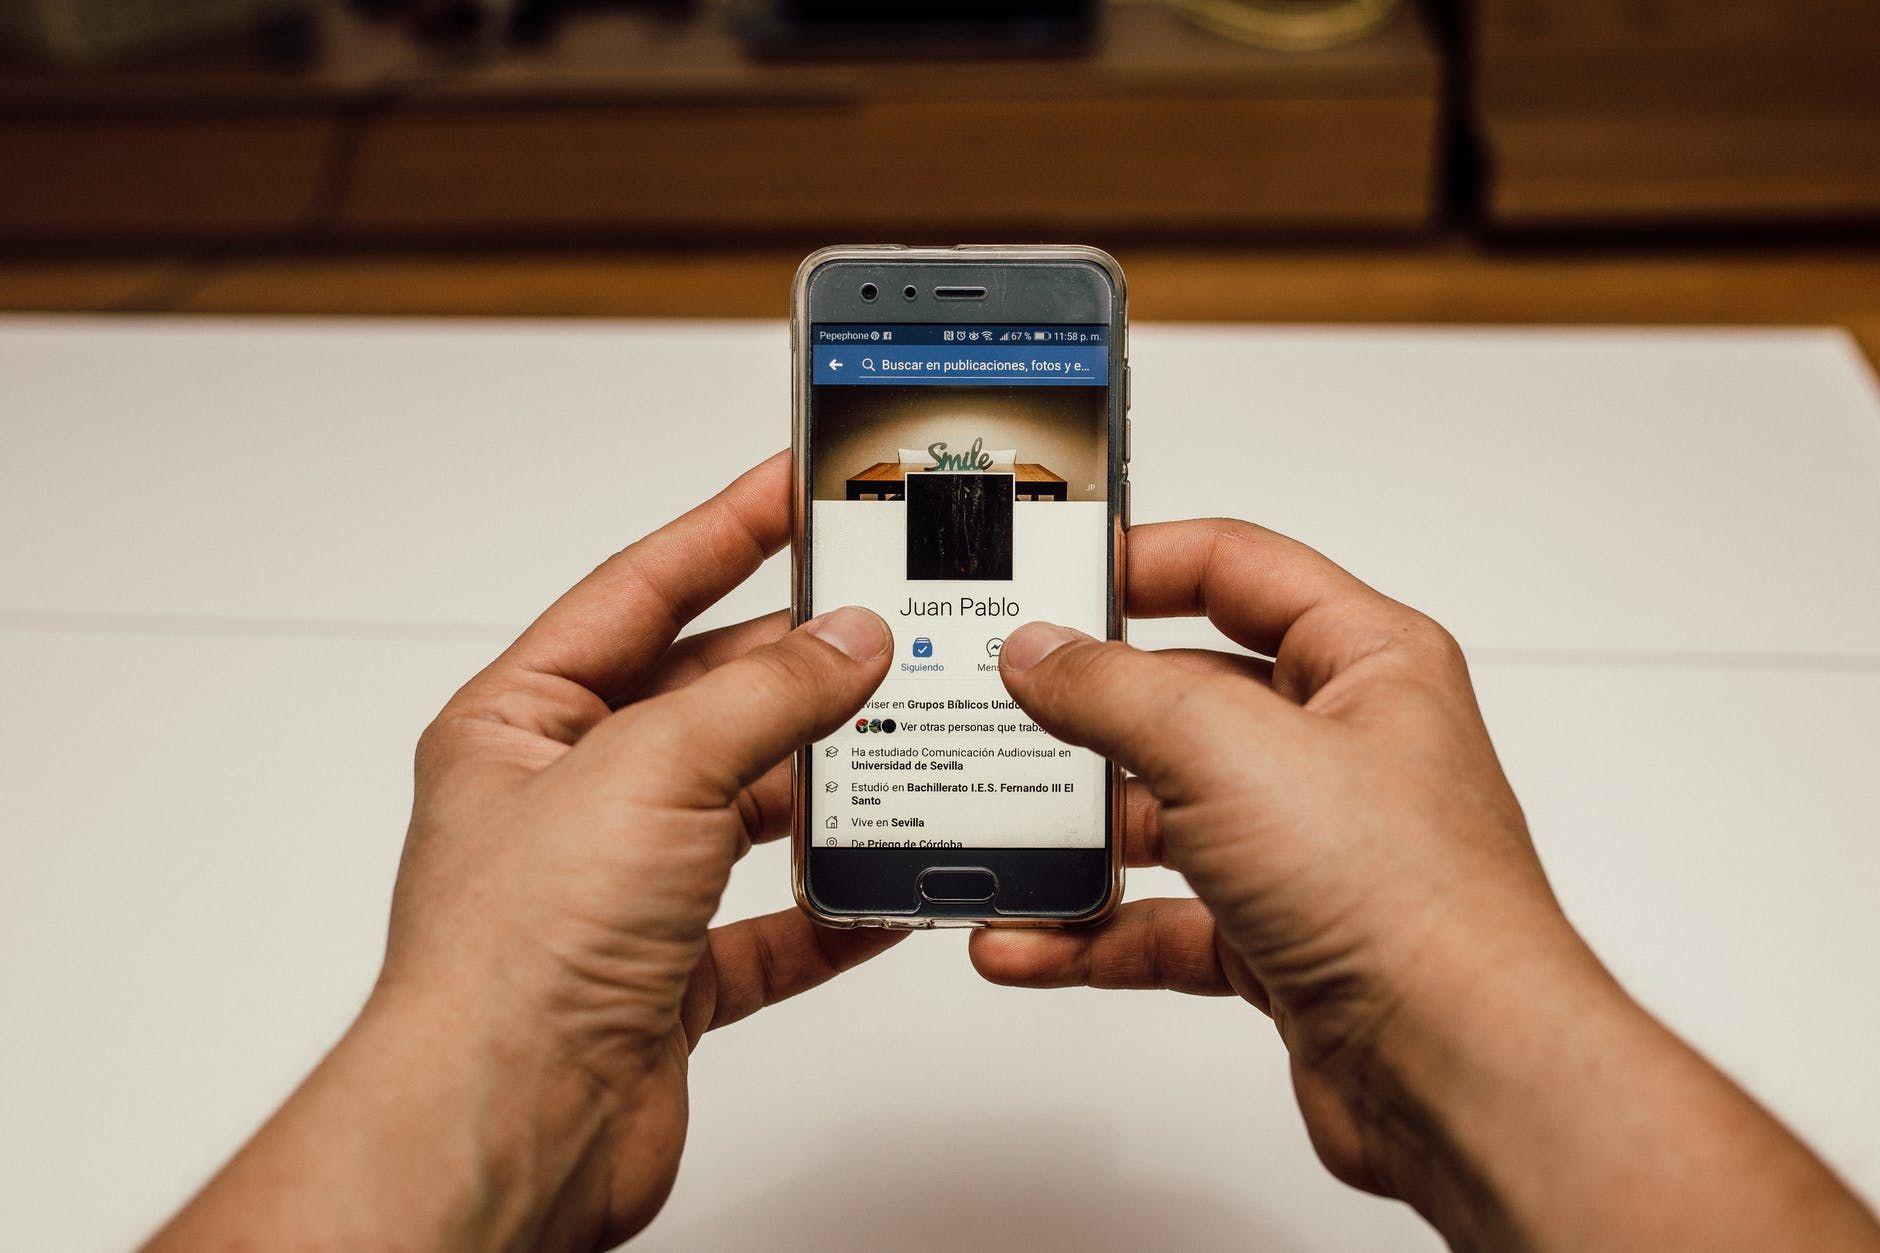 Usuário do Facebook observa seu perfil na tela de um smartphone